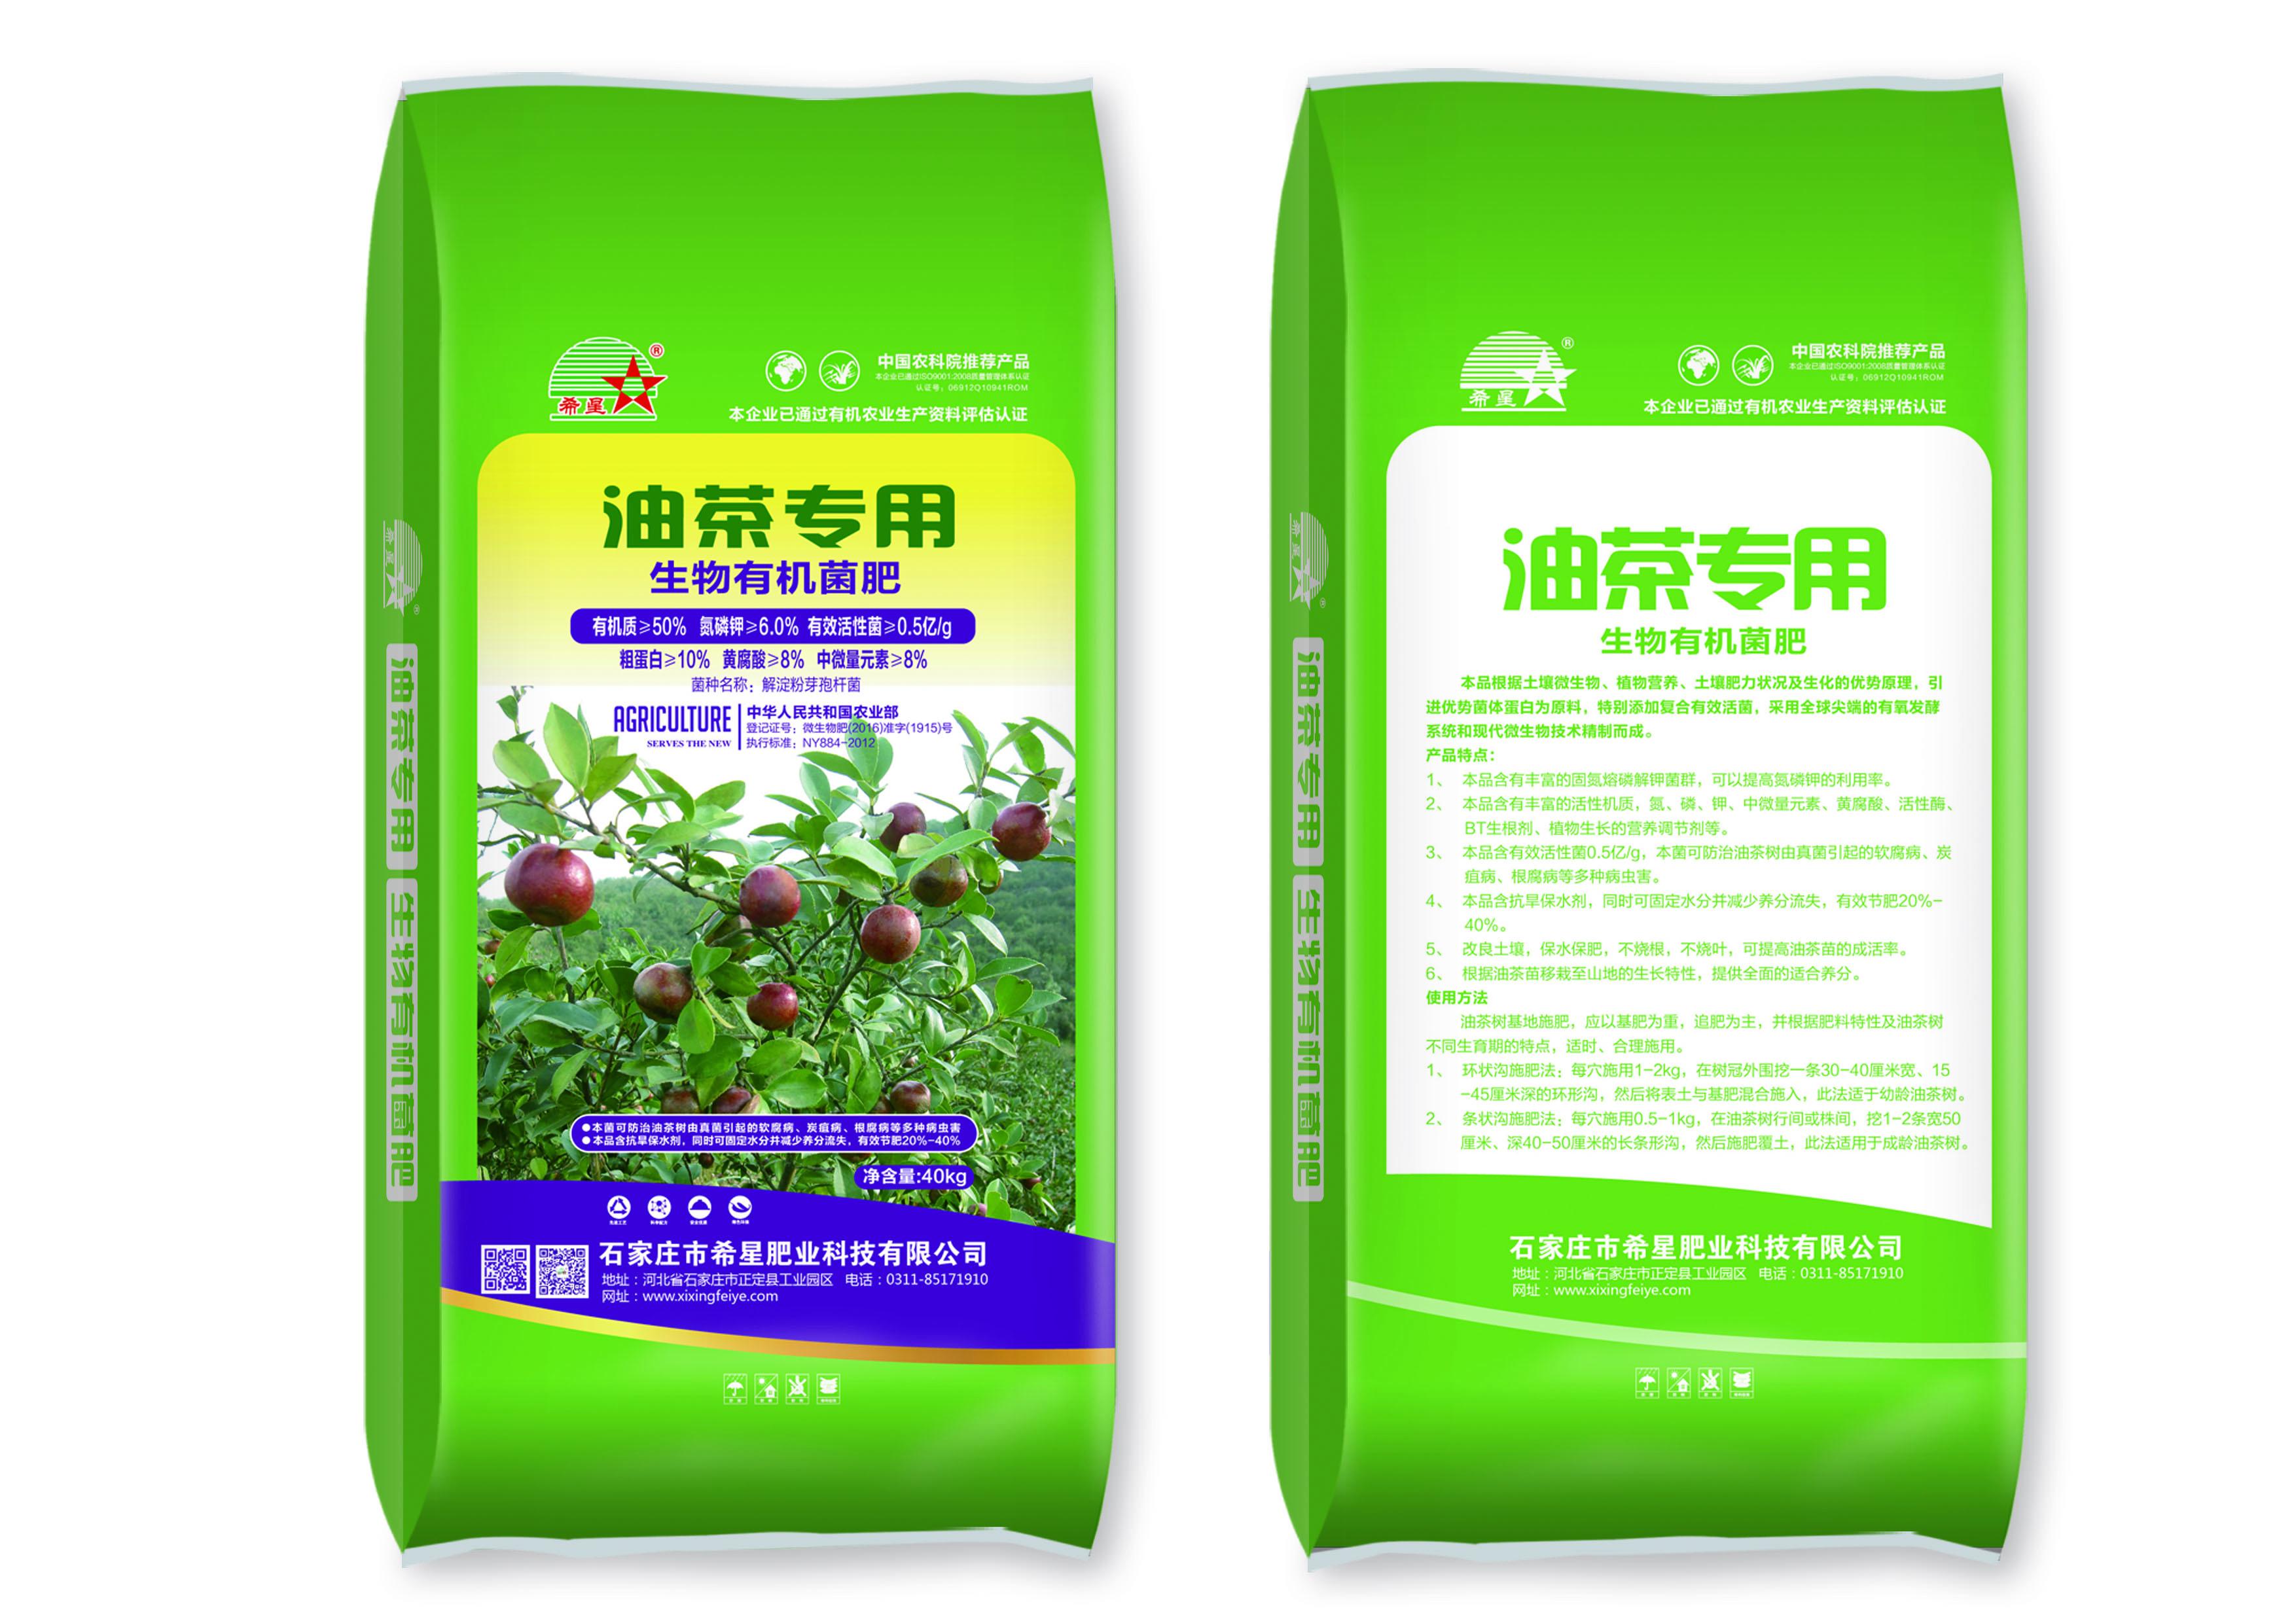 油茶专用生物有机菌肥